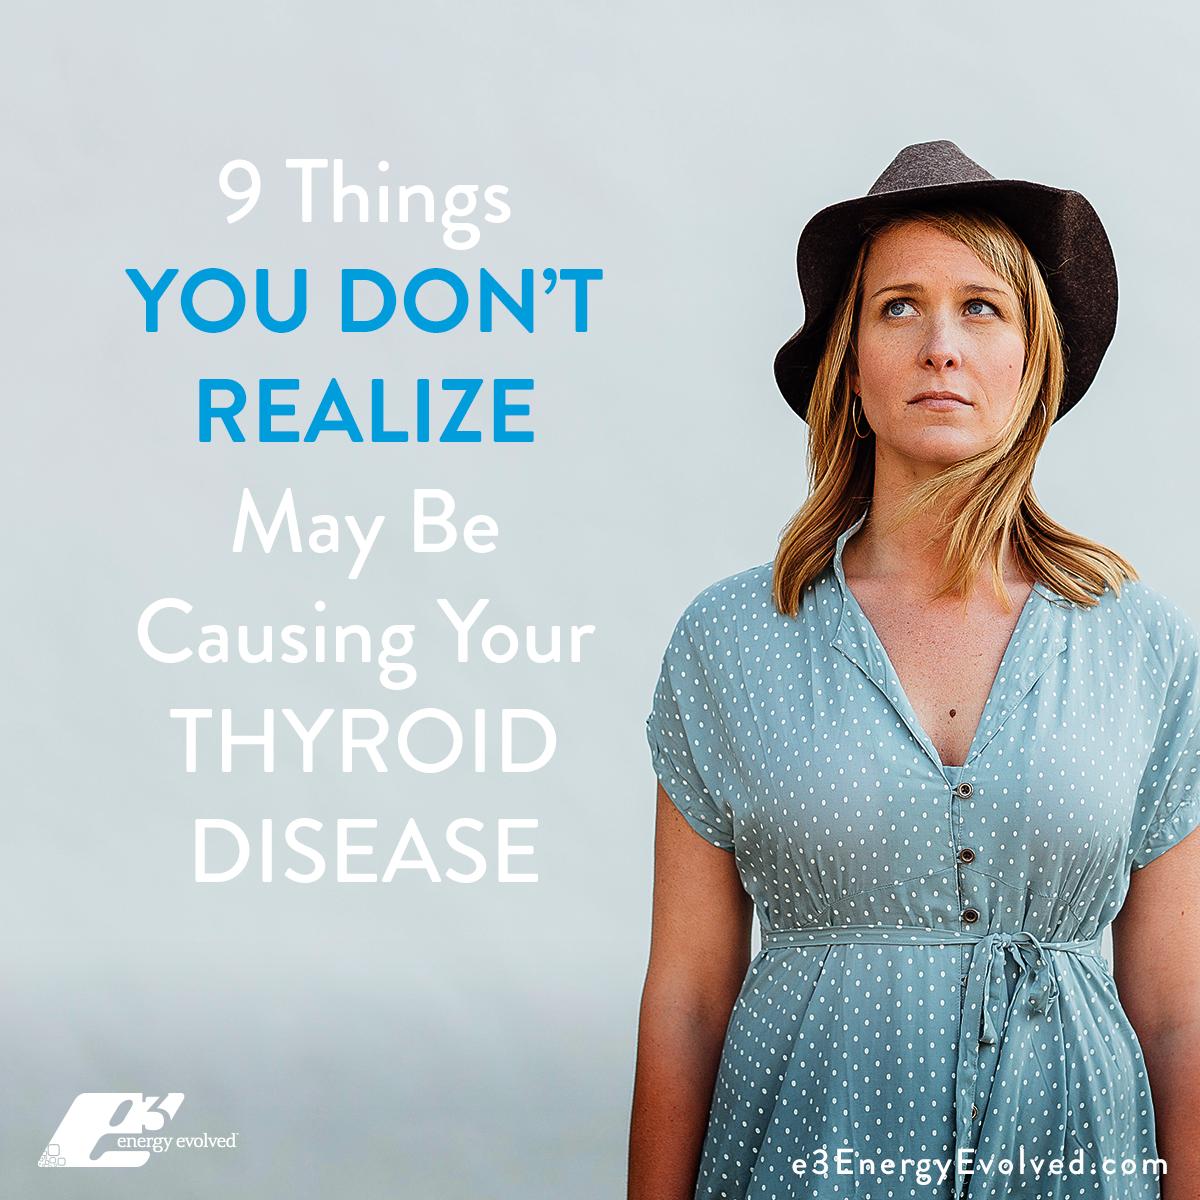 thyroid disease, hashimotos disease, hypothyroid, thyroid health, women's health